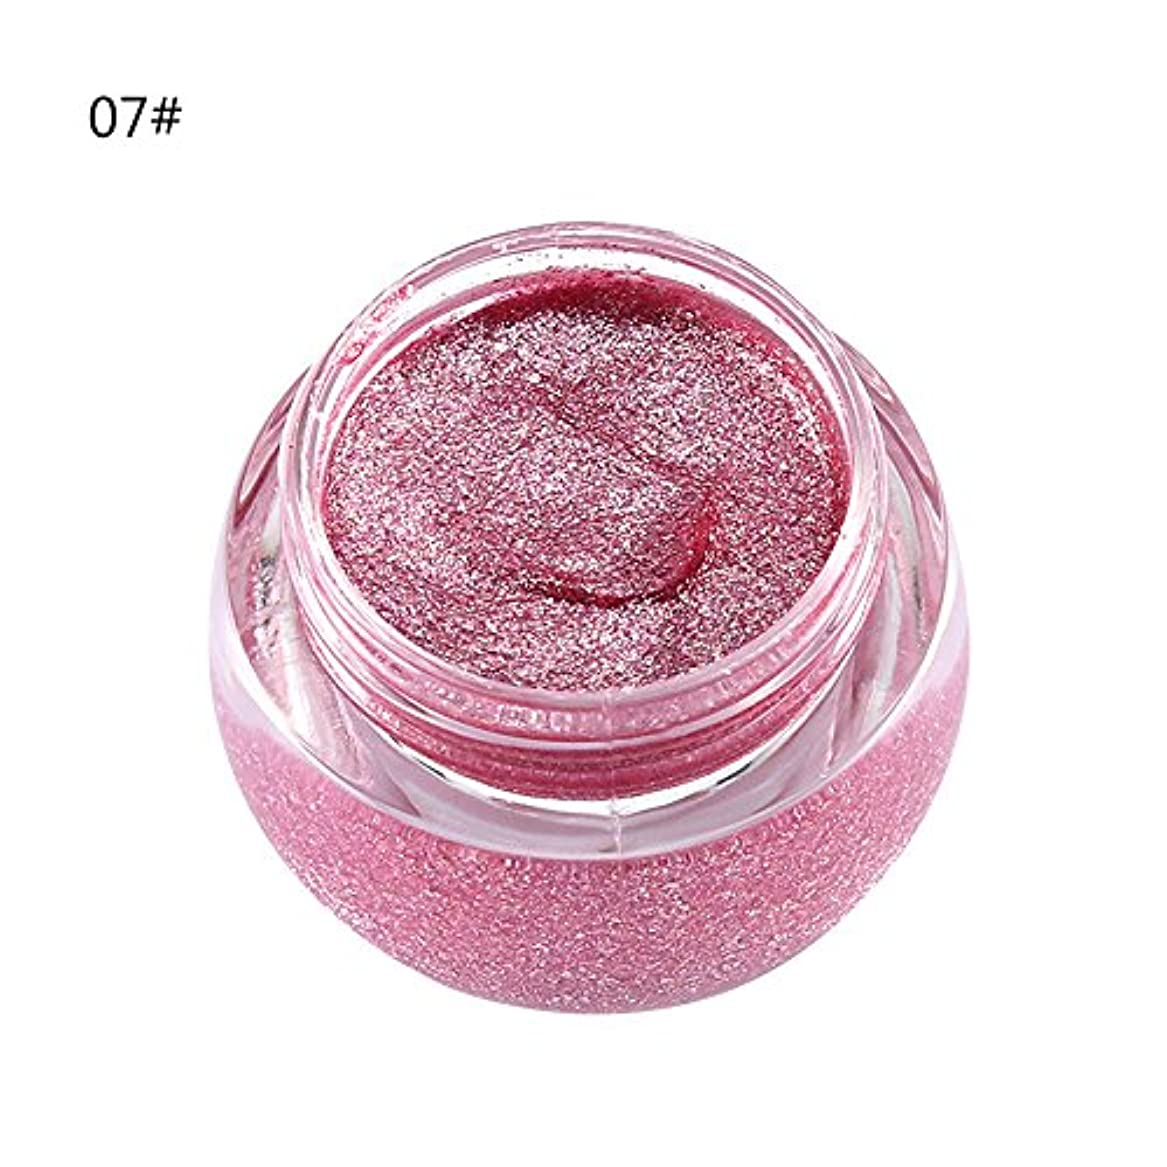 対抗感覚モディッシュアイシャドウ 単色 化粧品 光沢 保湿 キラキラ 美しい タイプ 07